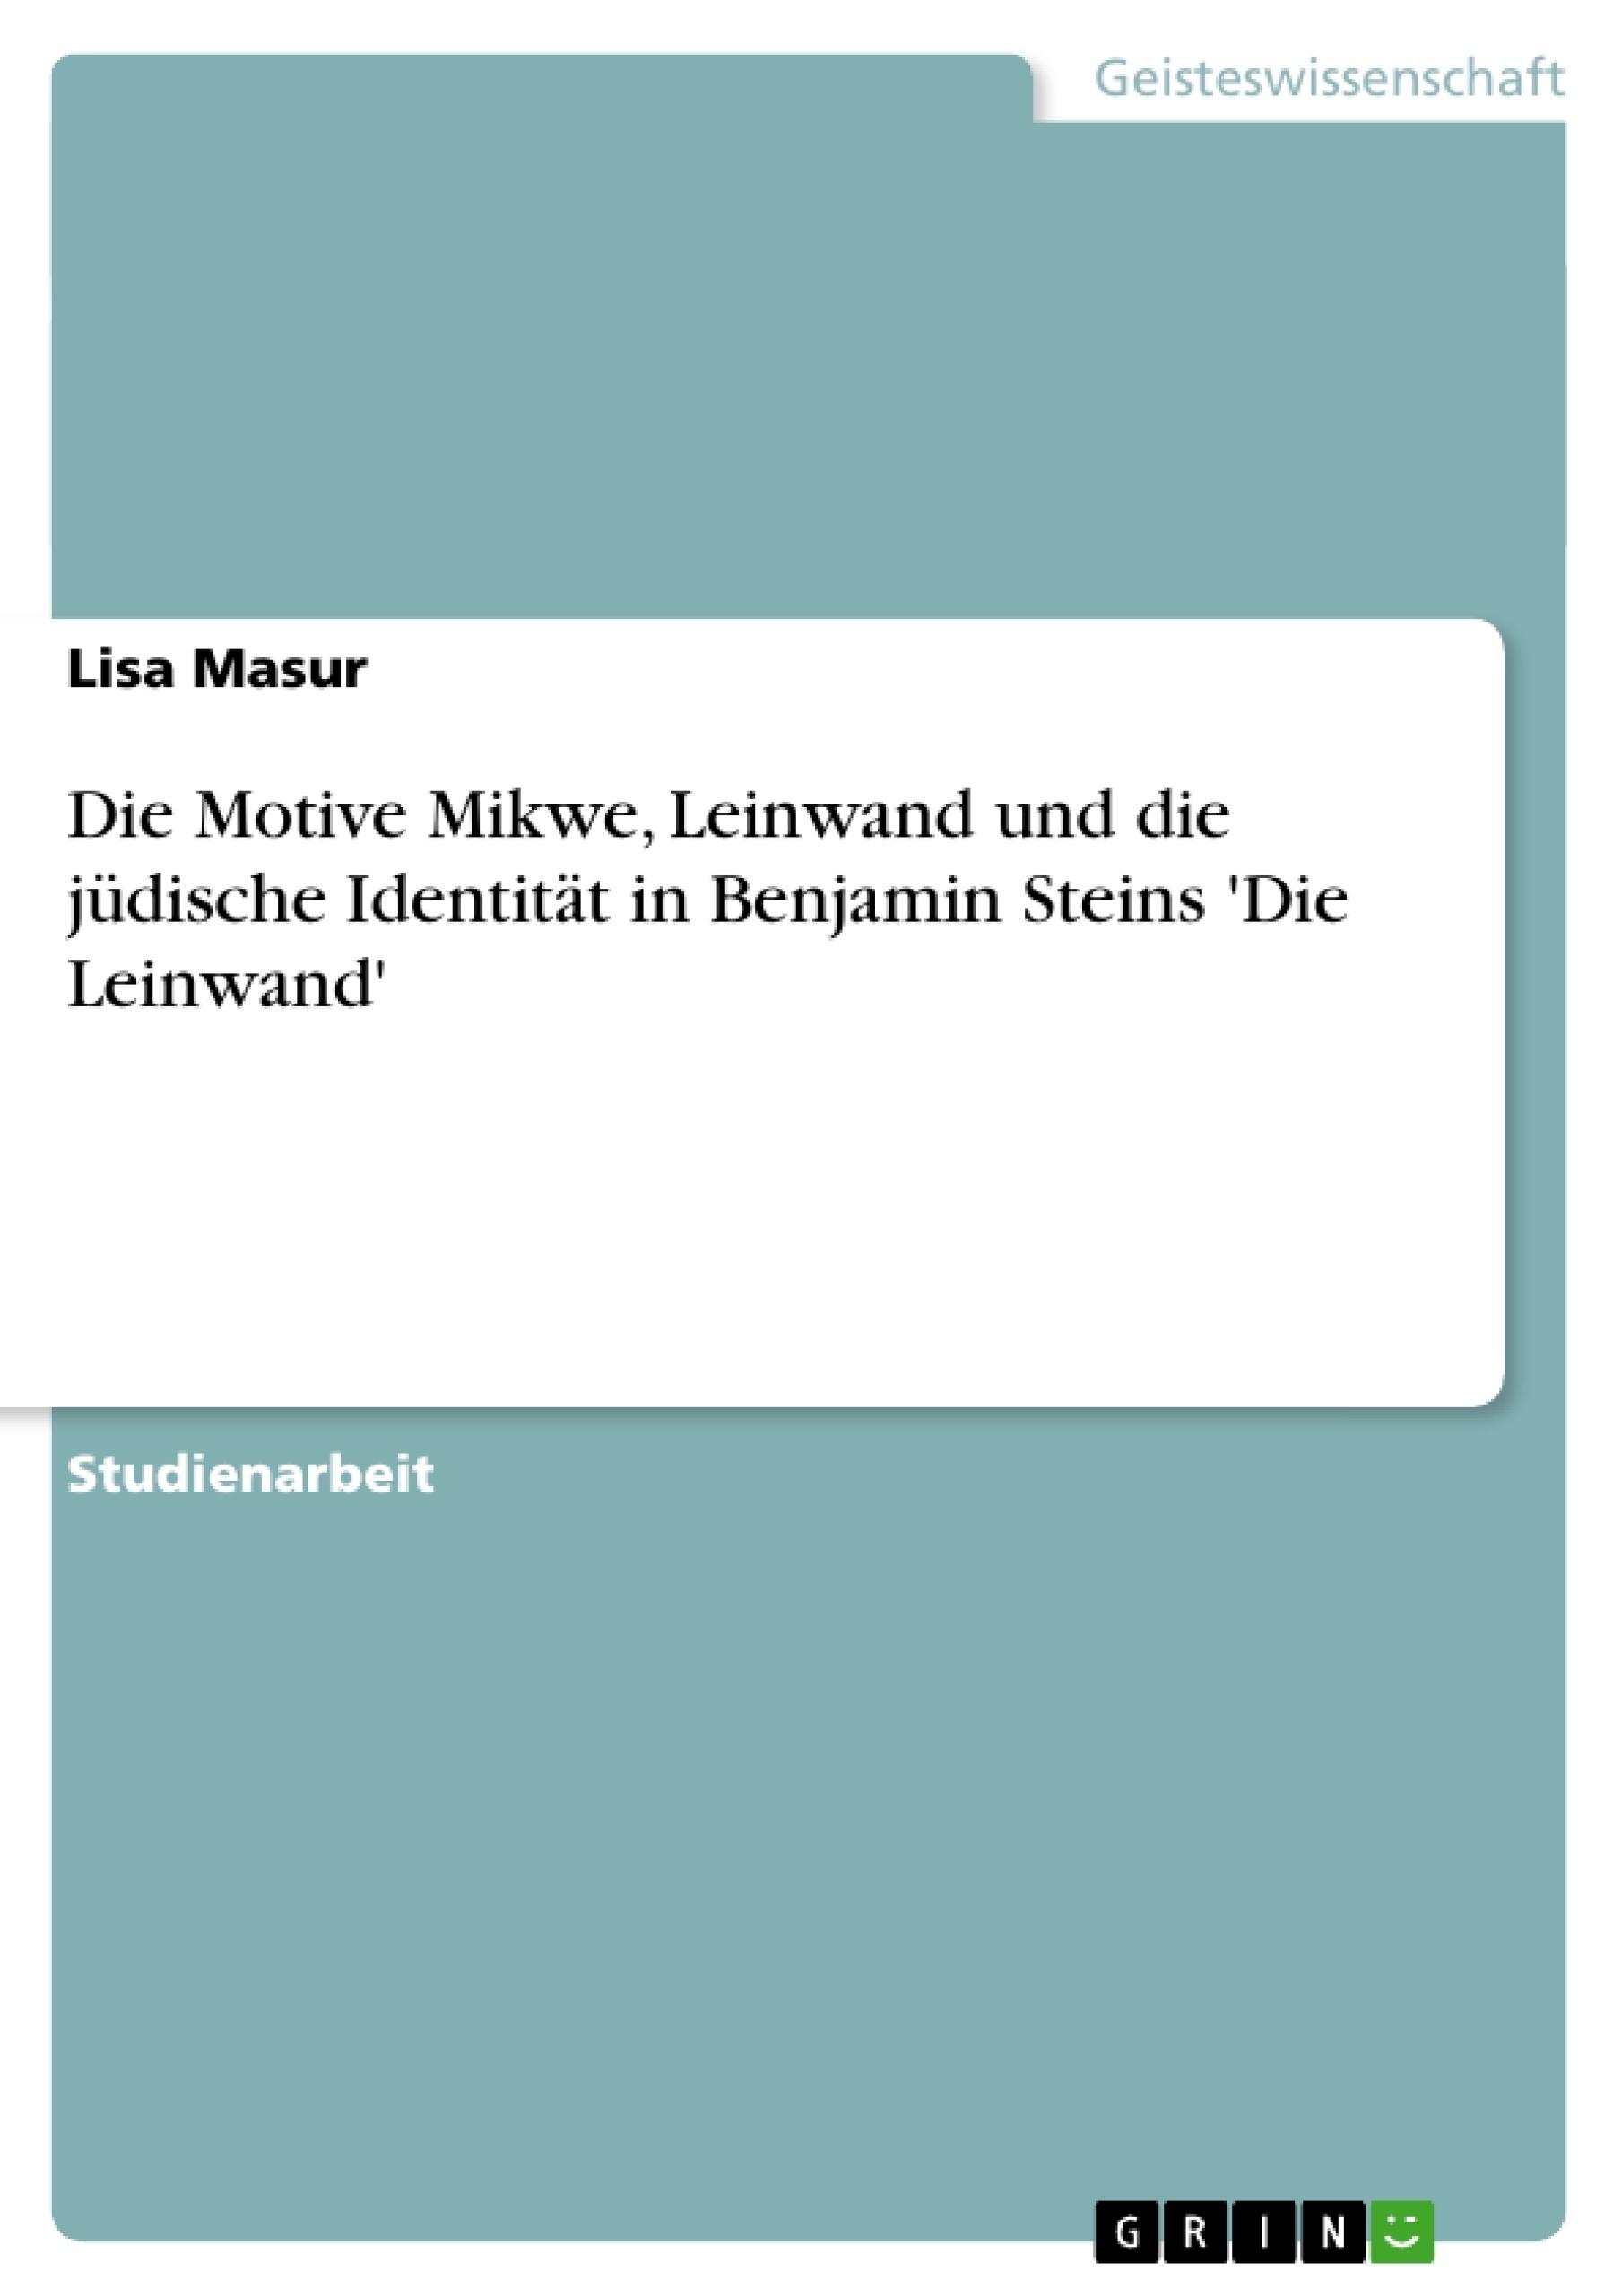 Titel: Die Motive Mikwe, Leinwand und die jüdische Identität in Benjamin Steins 'Die Leinwand'